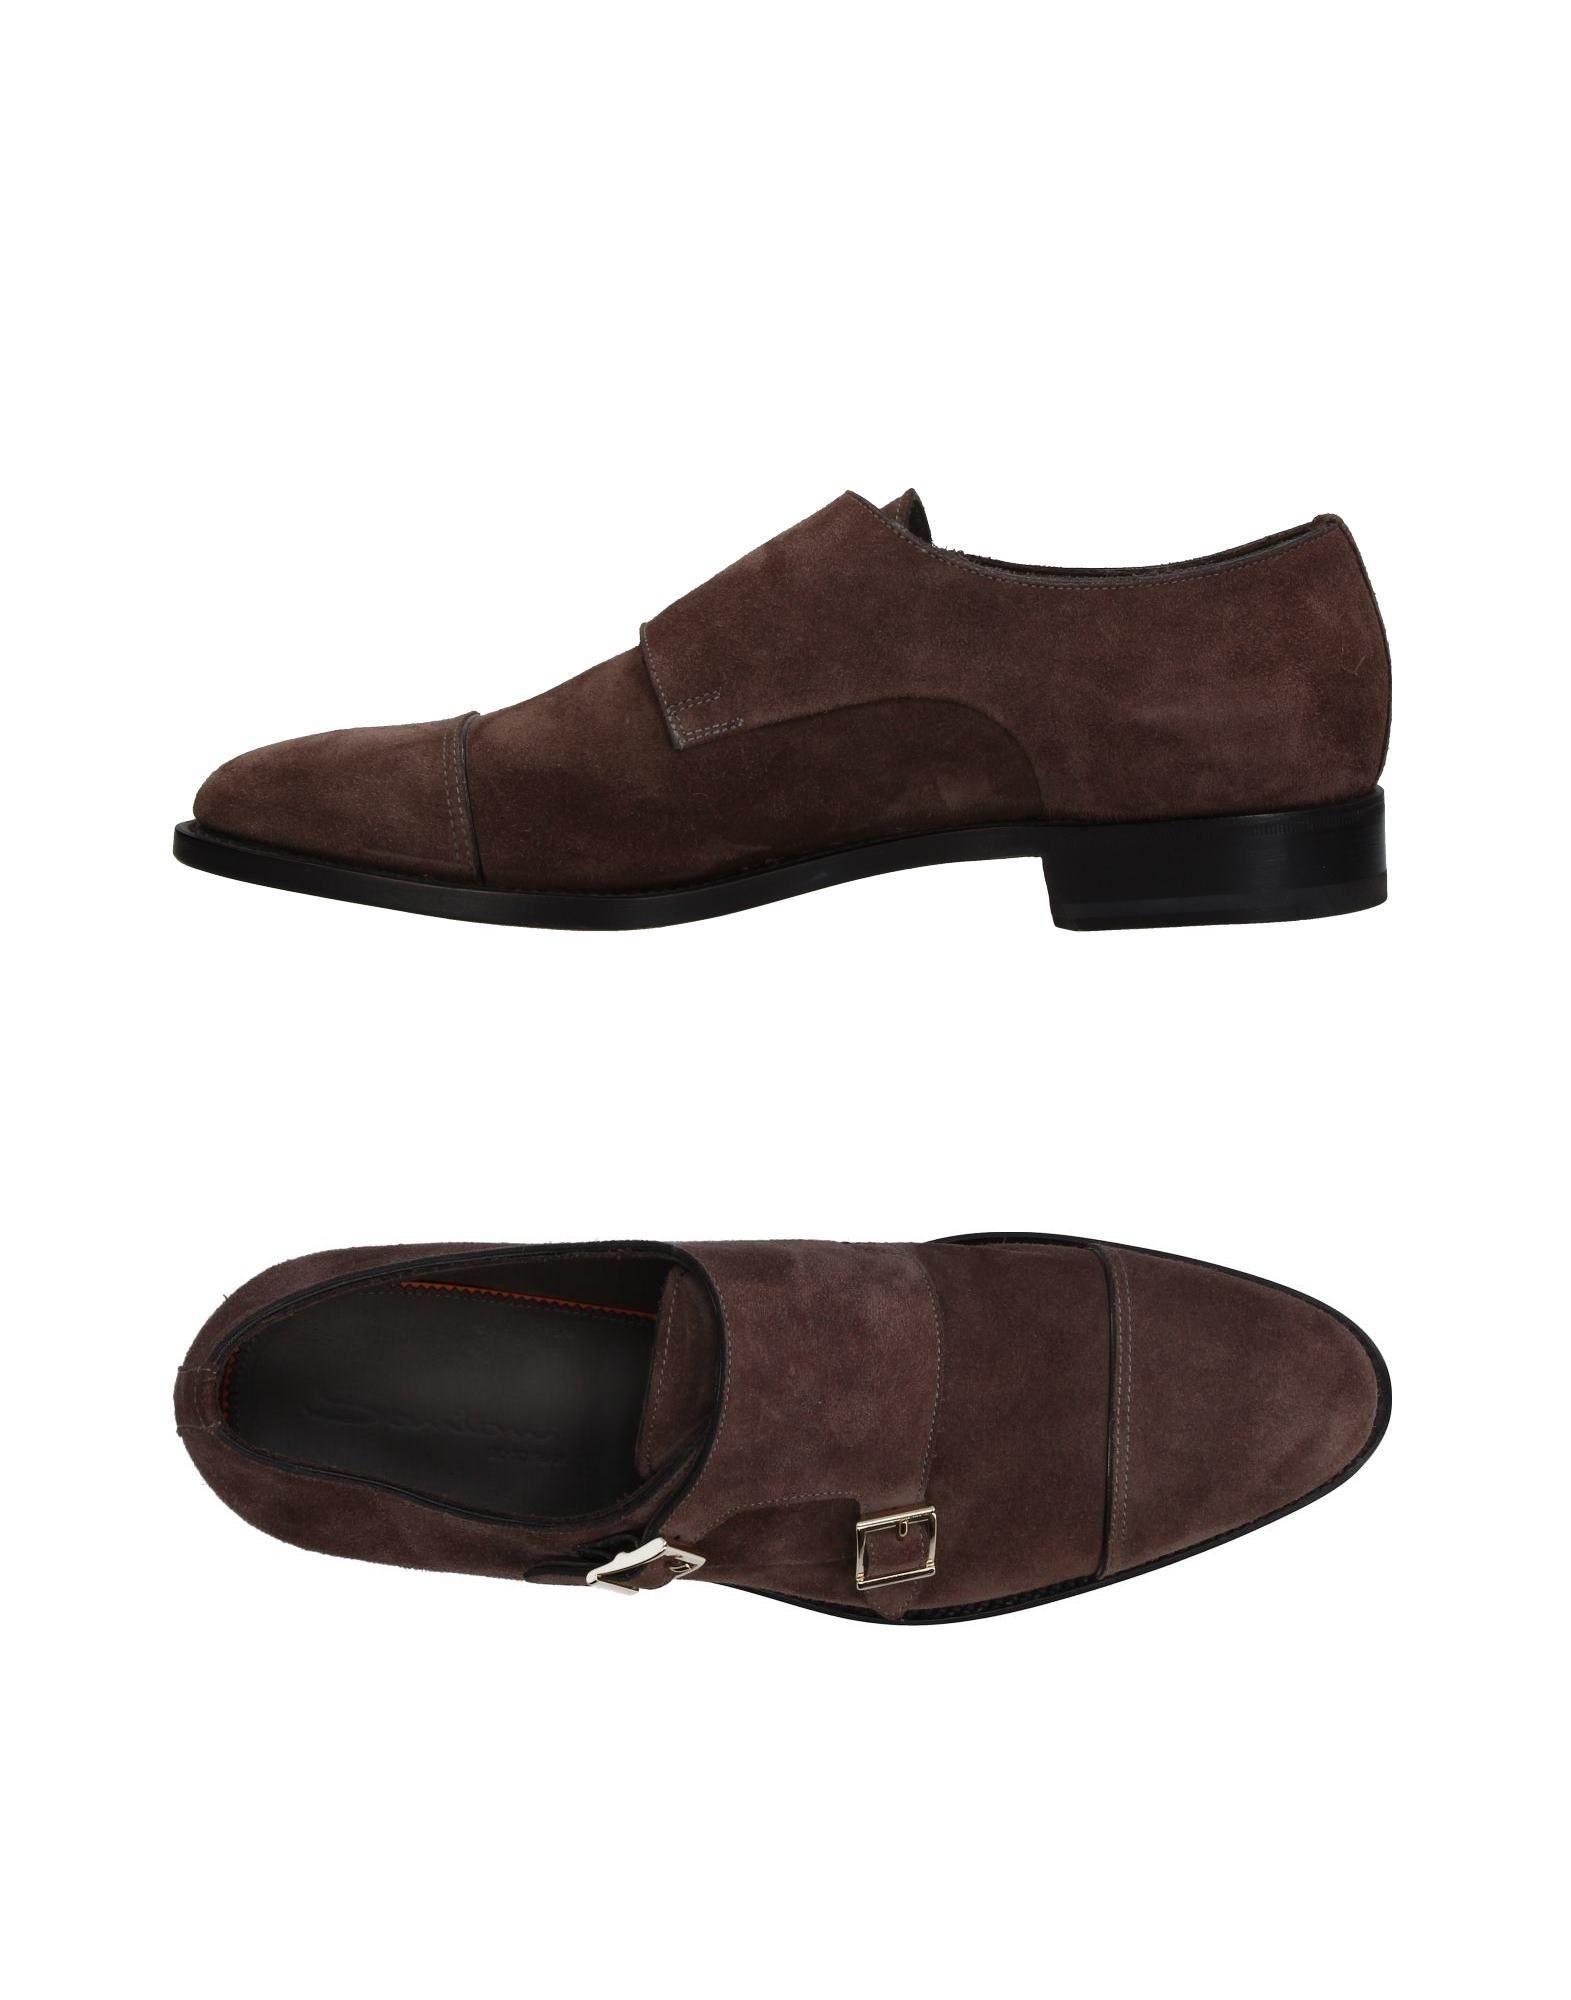 Santoni Mokassins Herren  11410560NX Gute Qualität beliebte Schuhe